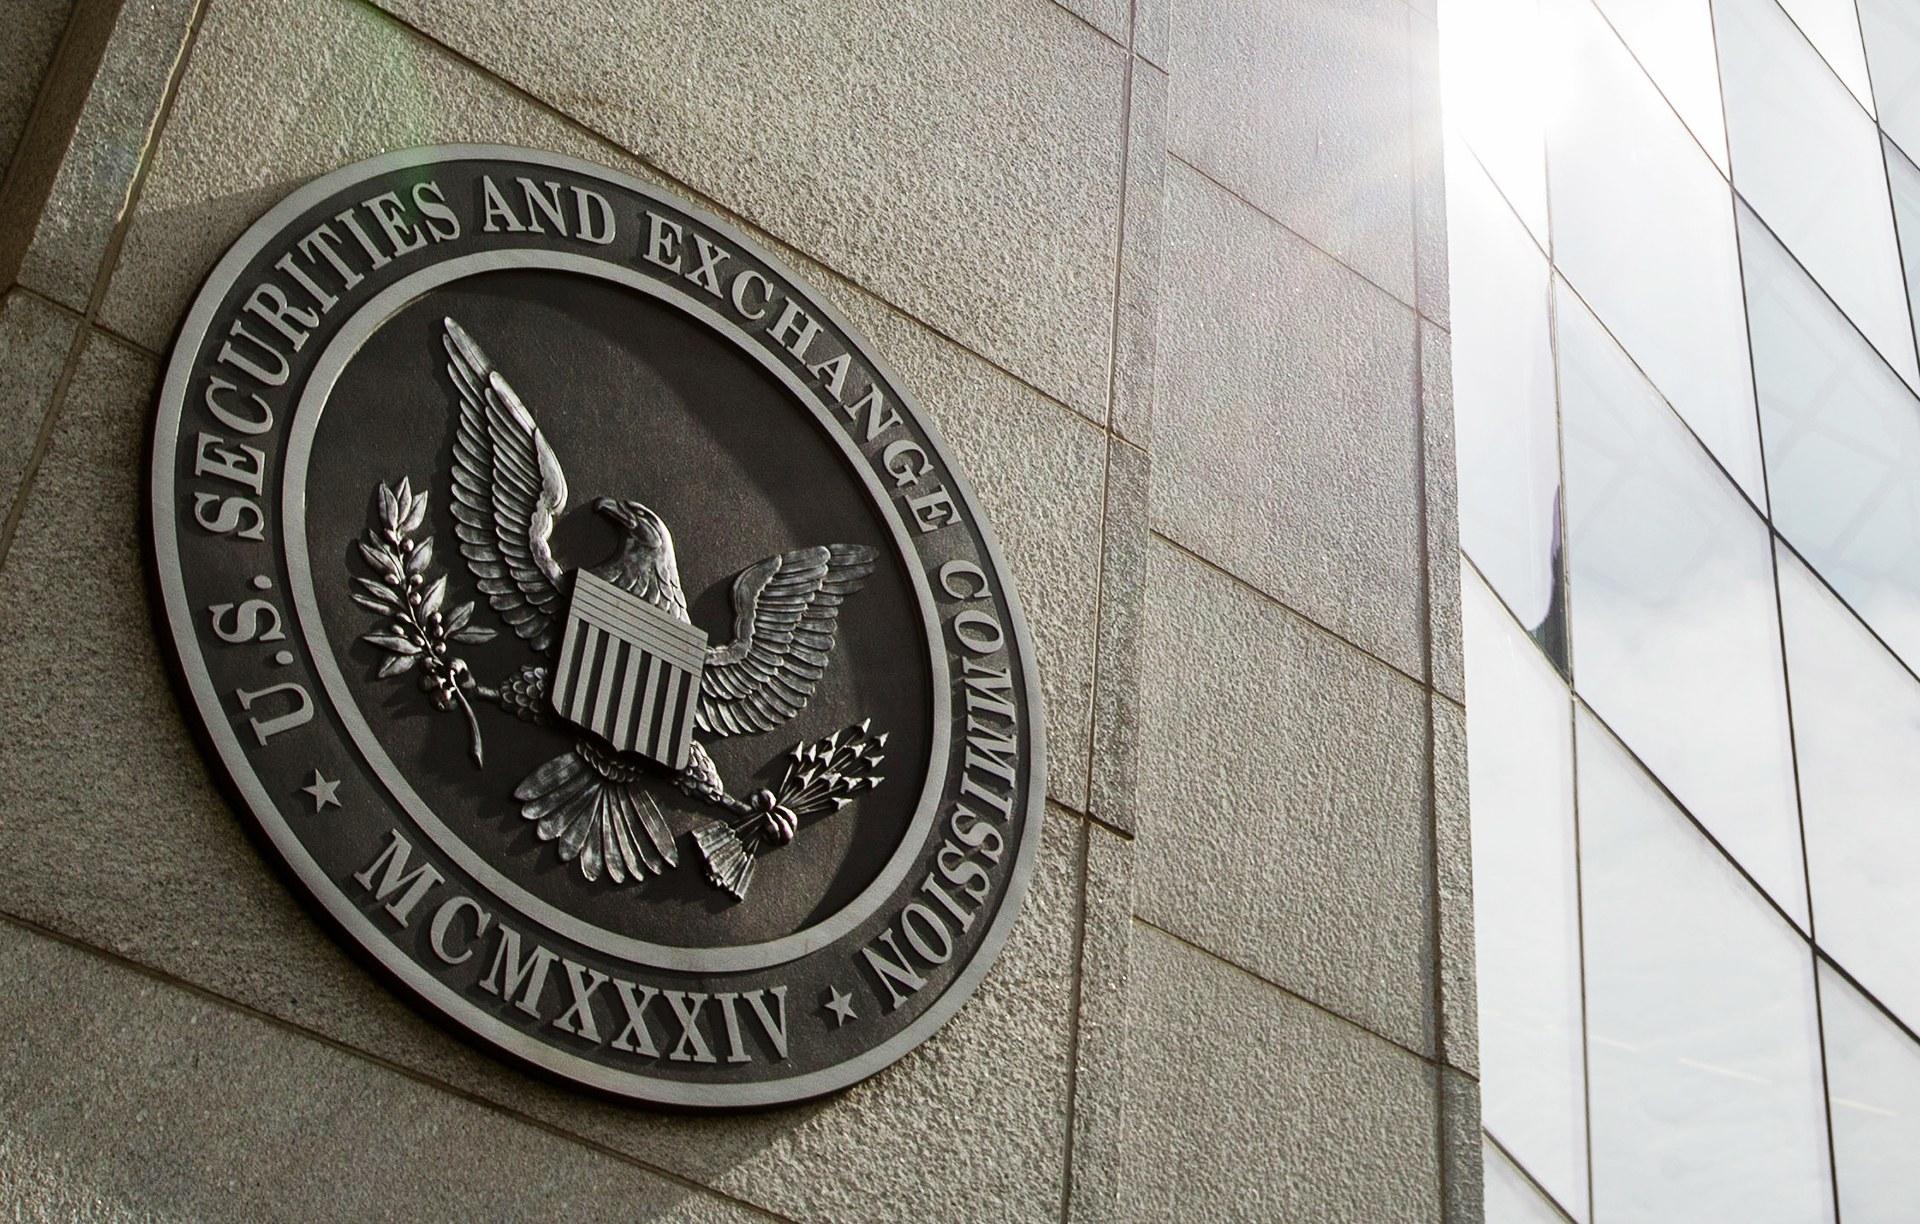 """Firma de gestión de inversiones presentó ETF de Bitcoin """"menos volátil"""" ante la Comisión de Valores y Bolsa de Estados Unidos"""